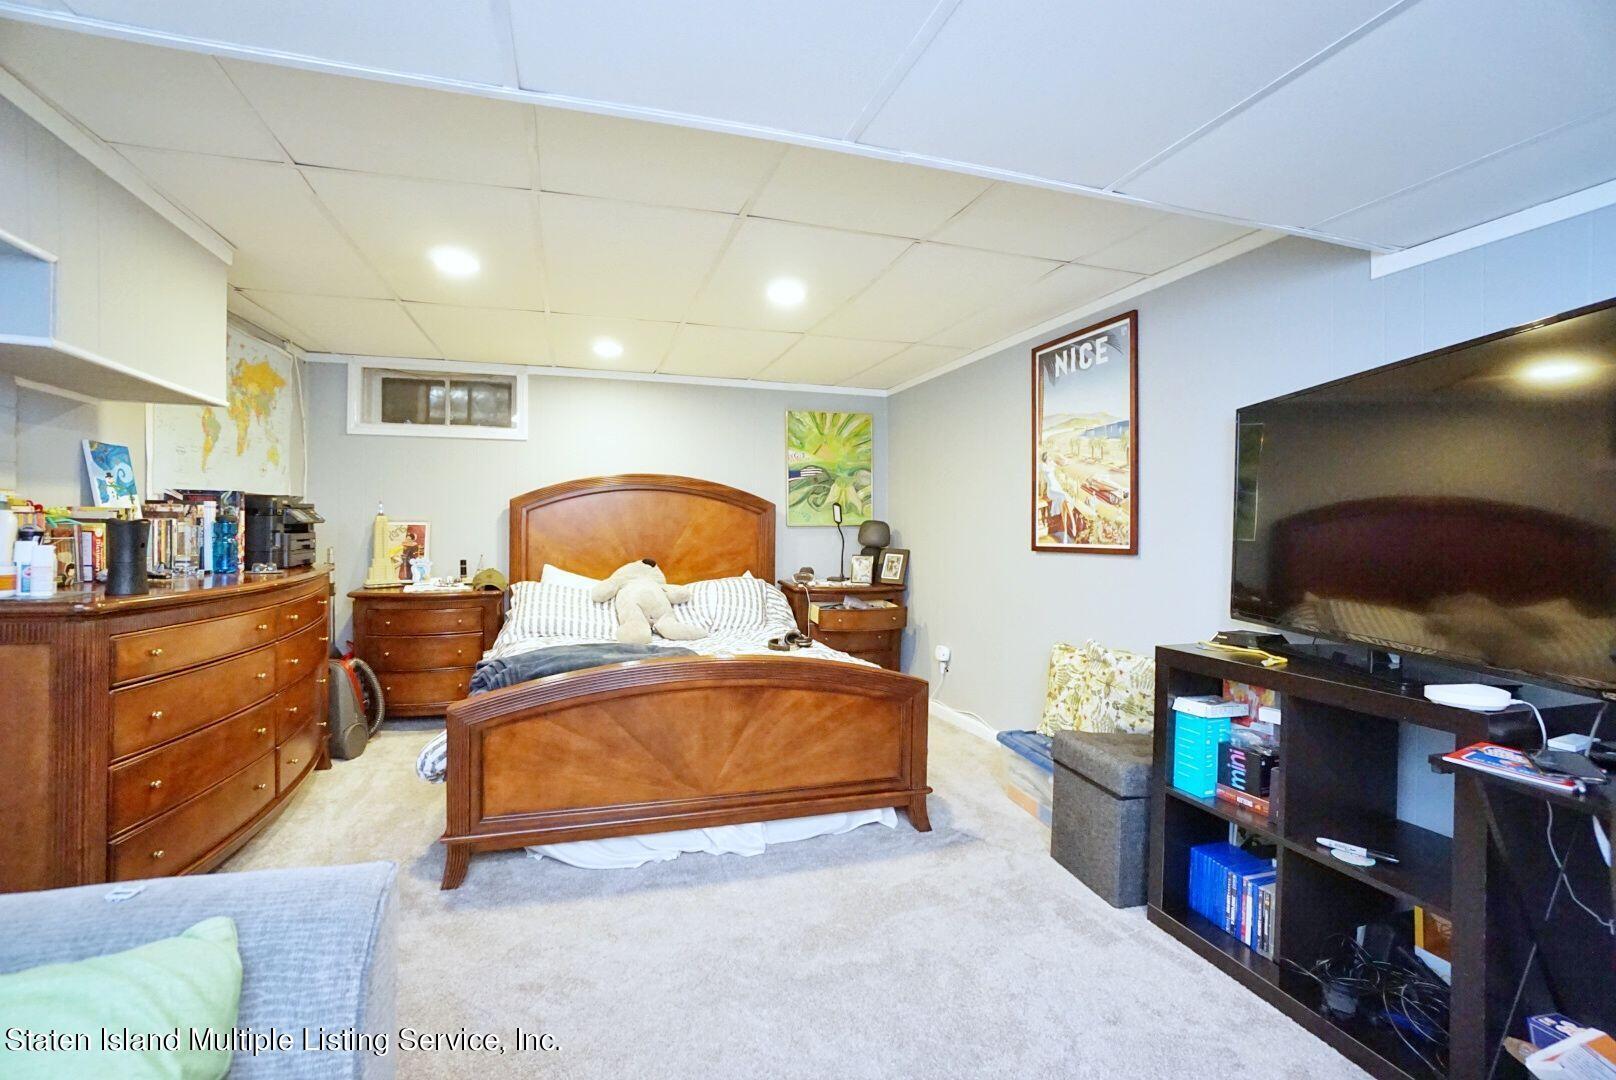 Single Family - Detached 29 City Boulevard  Staten Island, NY 10301, MLS-1147694-32